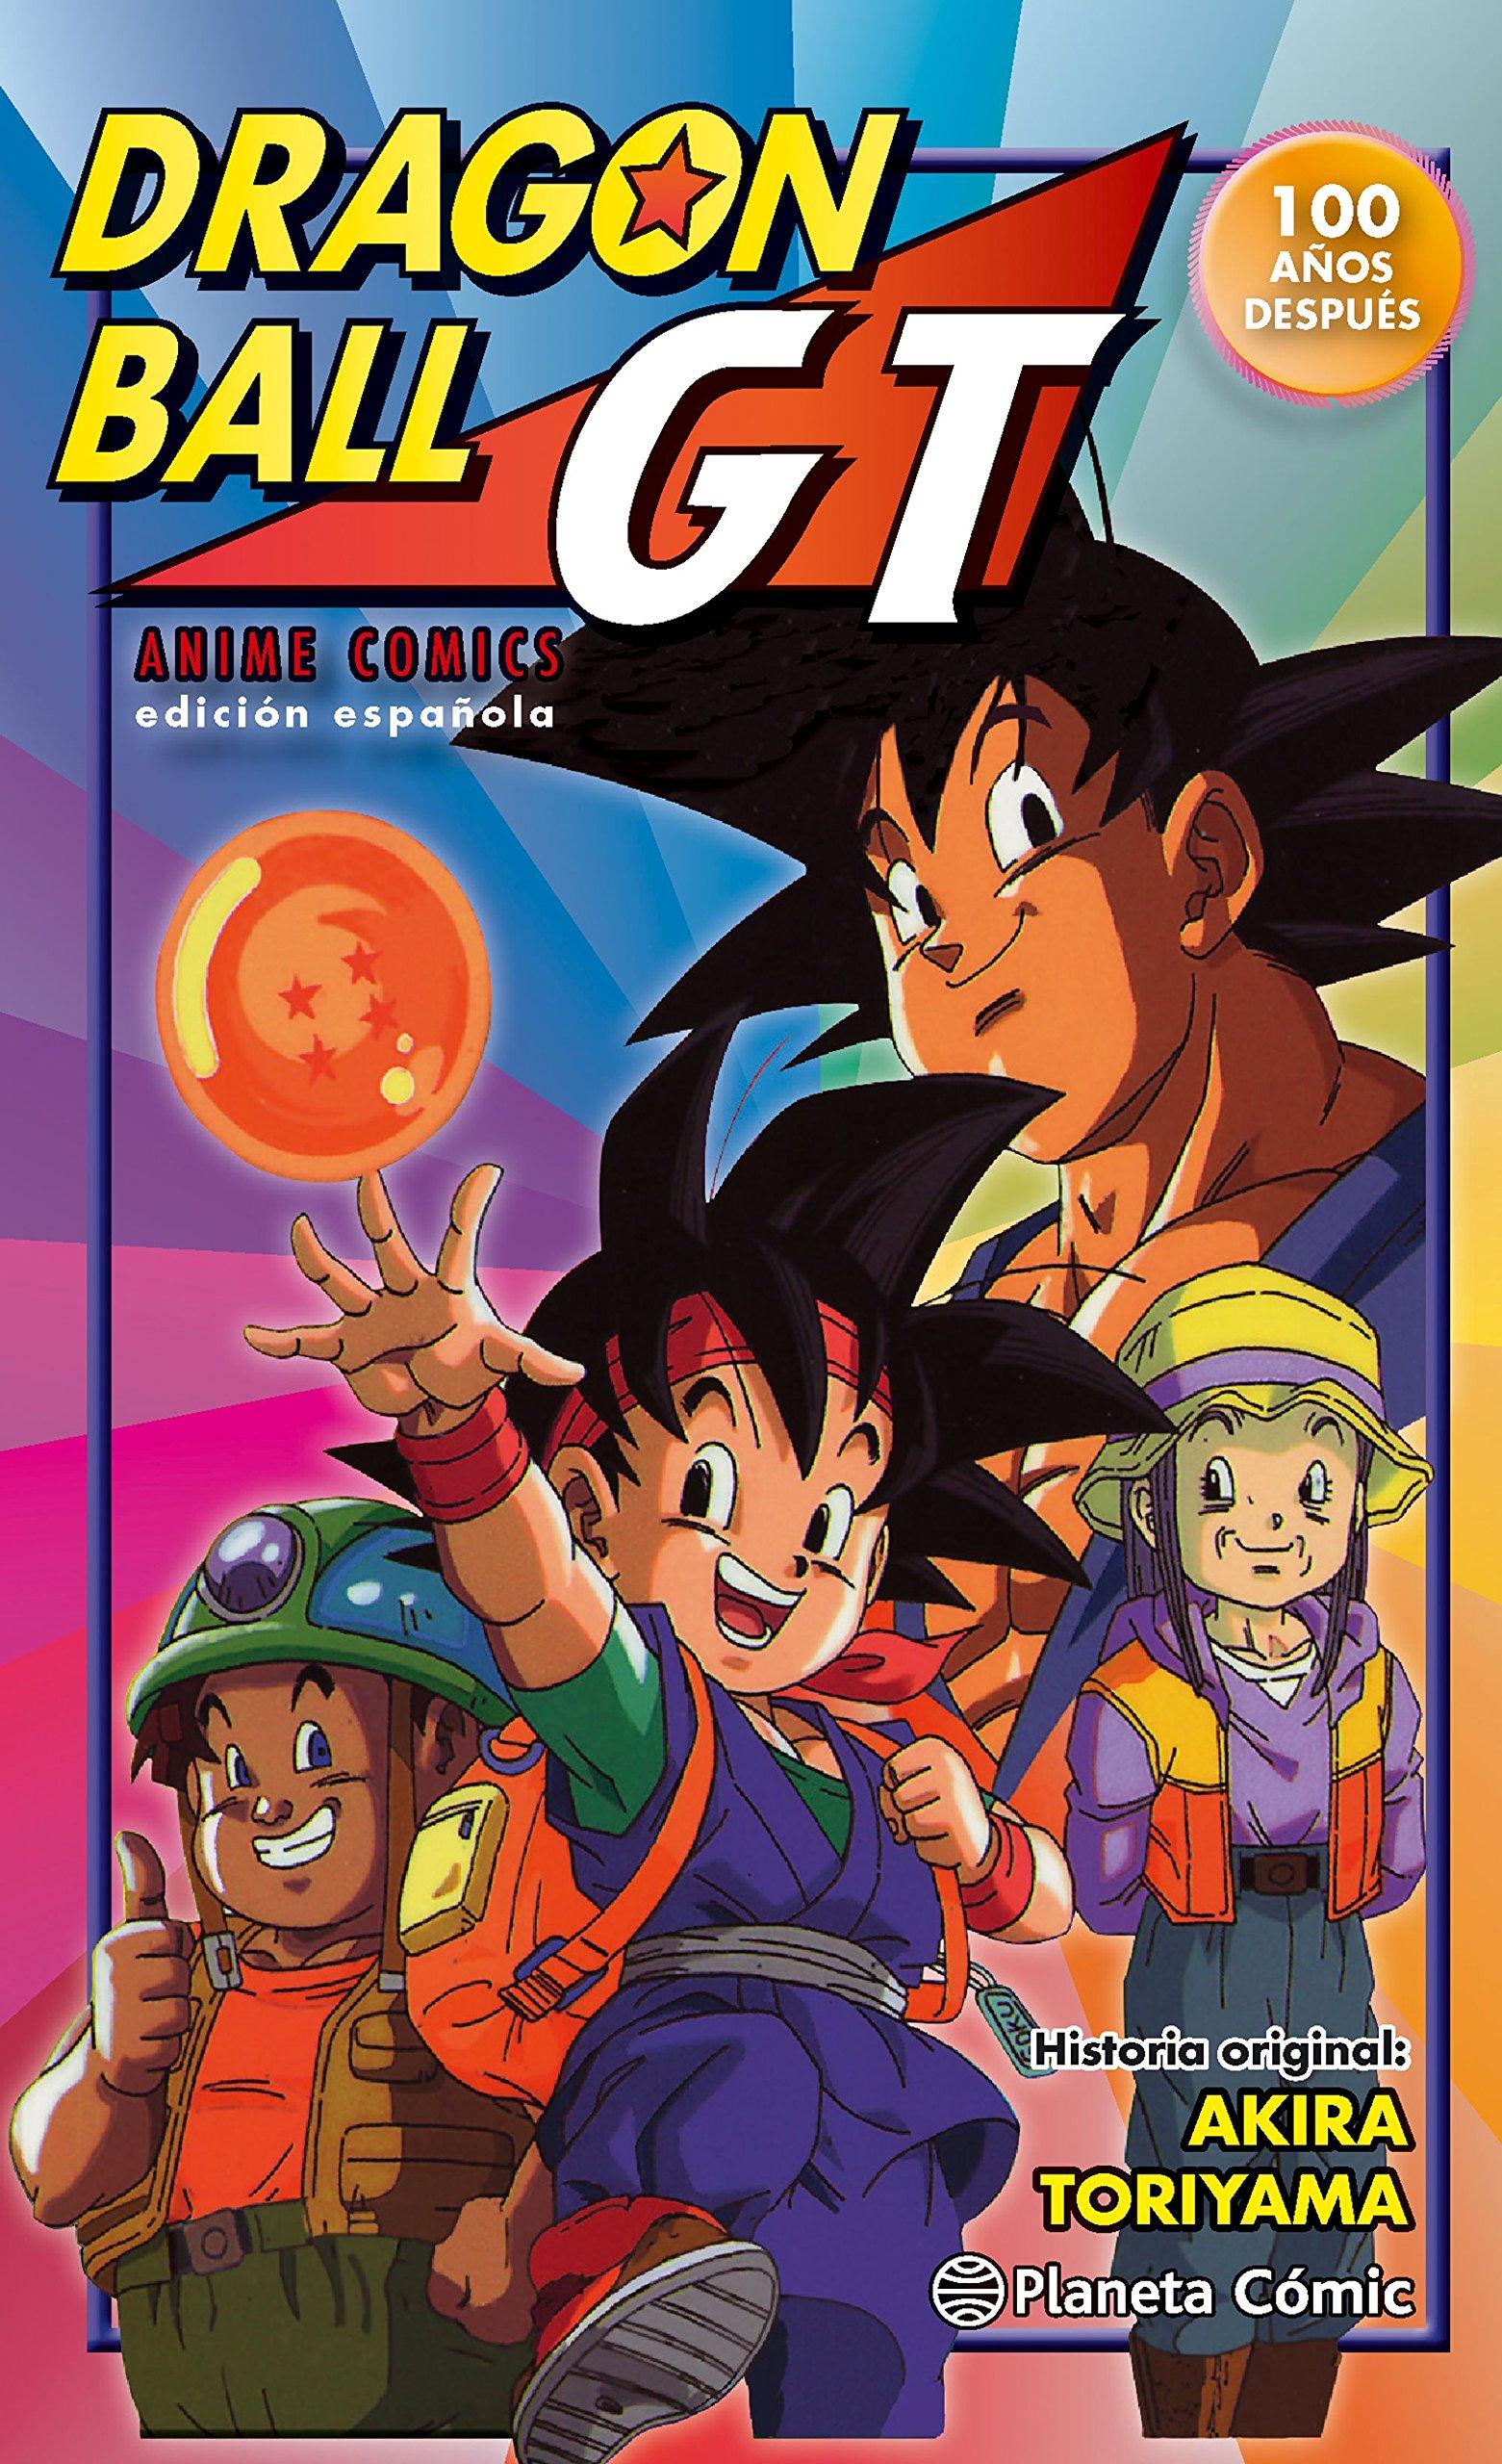 Dragon Ball GT (Manga Shonen): Amazon.es: Toriyama, Akira, Daruma: Libros